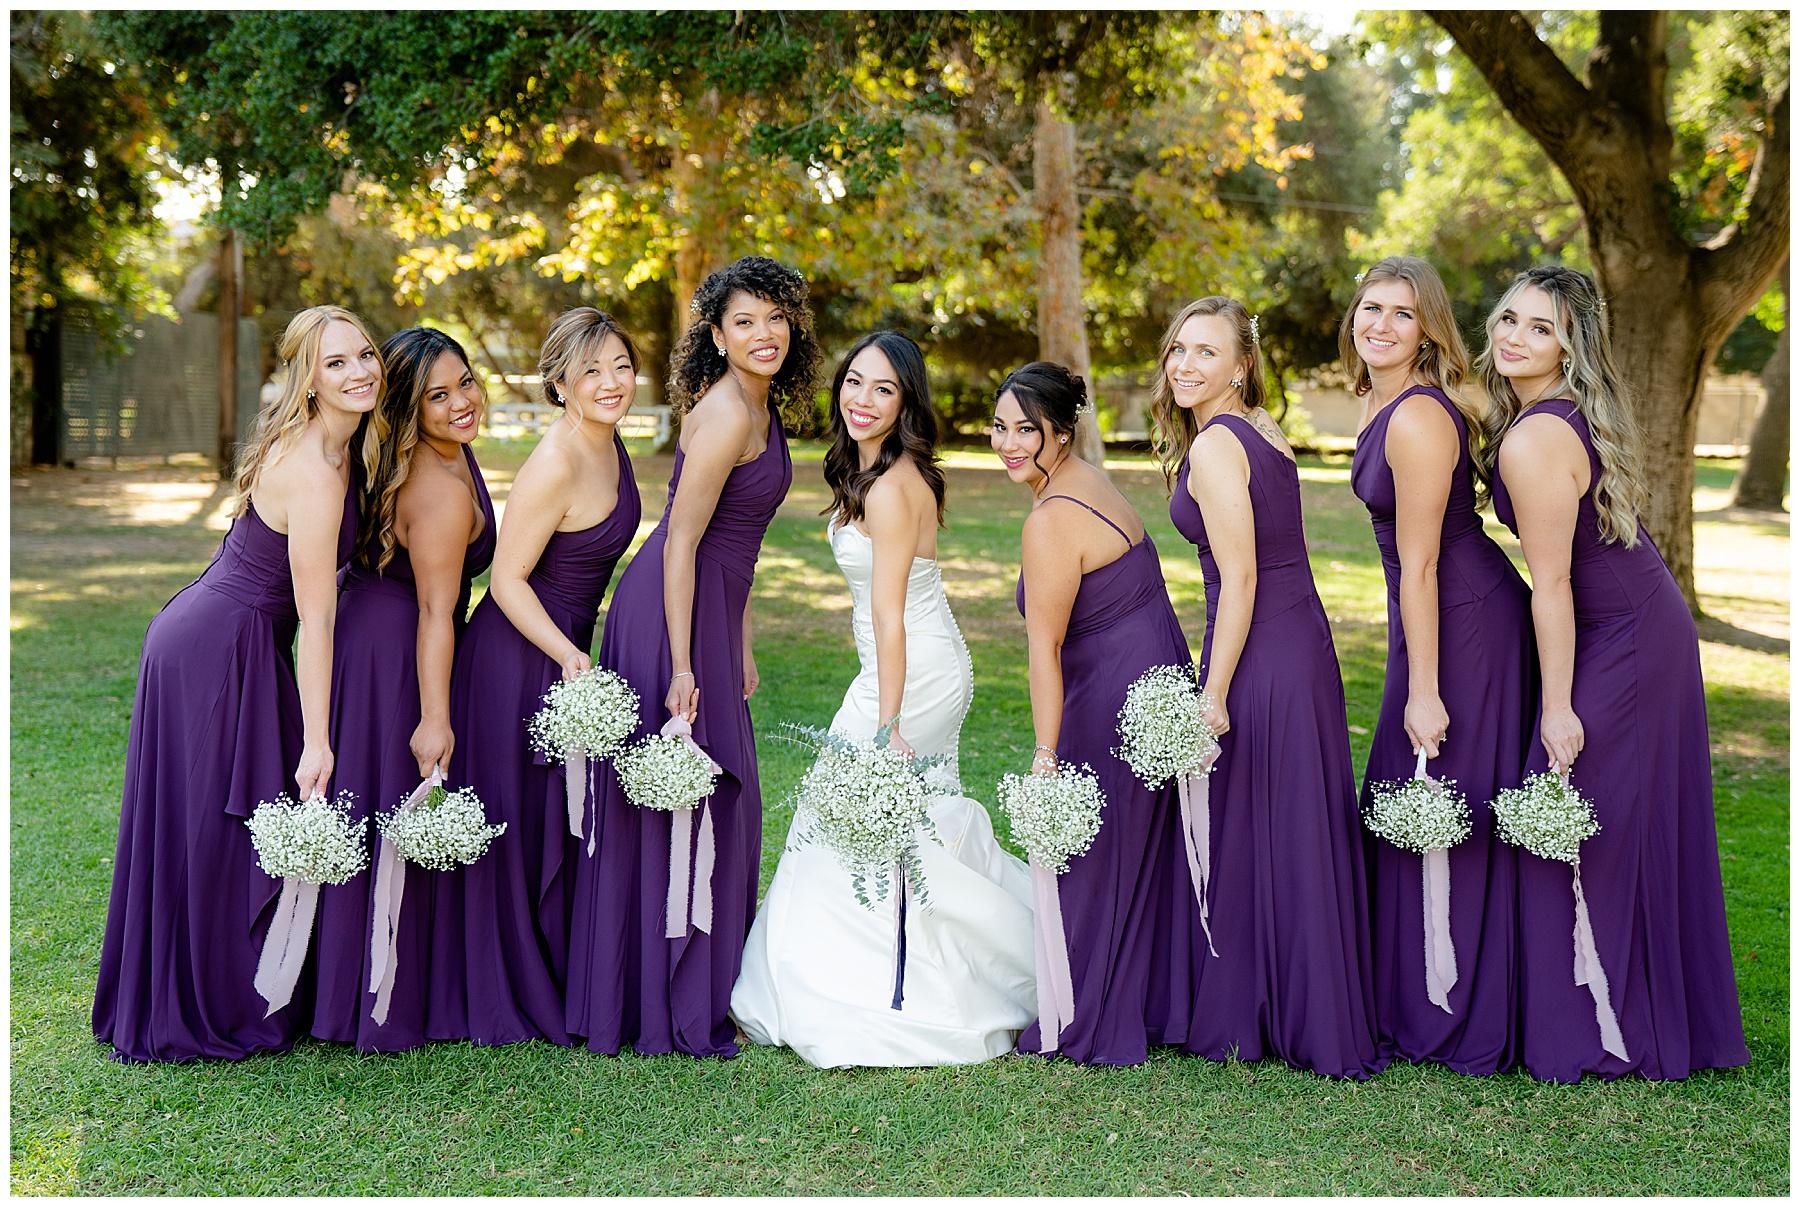 bridal party purple dresses